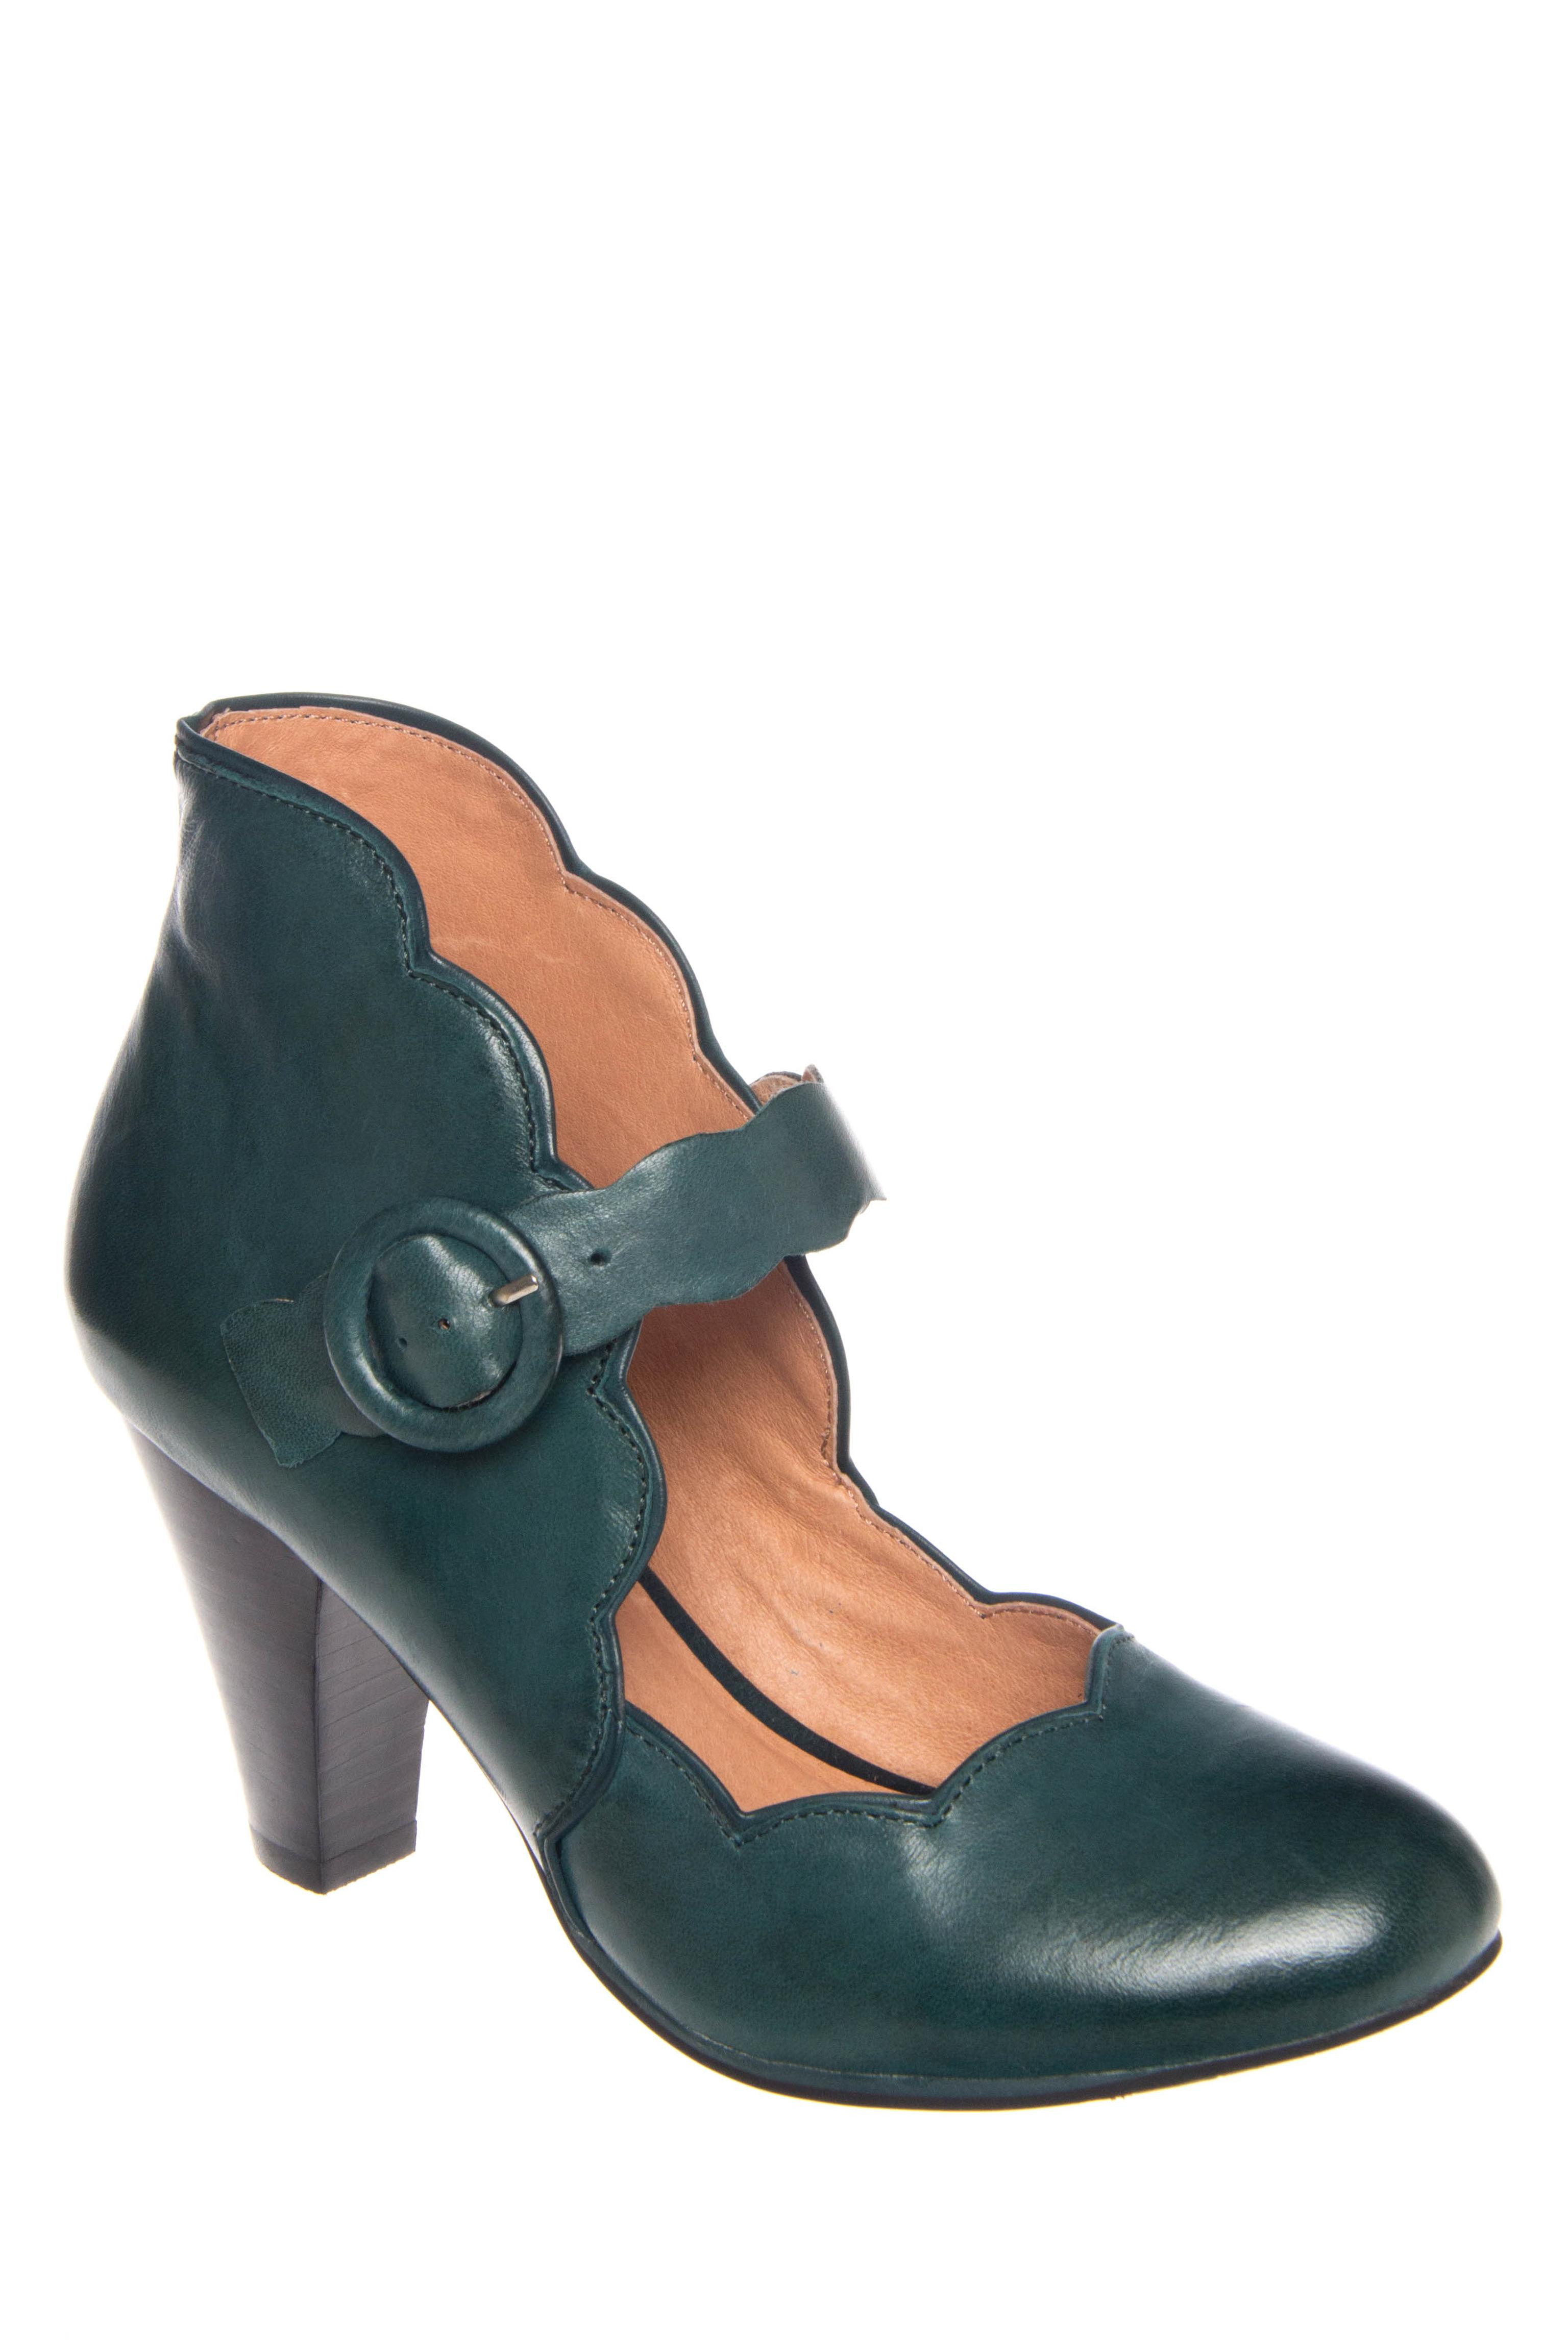 Miz Mooz Carissa Mid Heel Leather Pumps - Teal